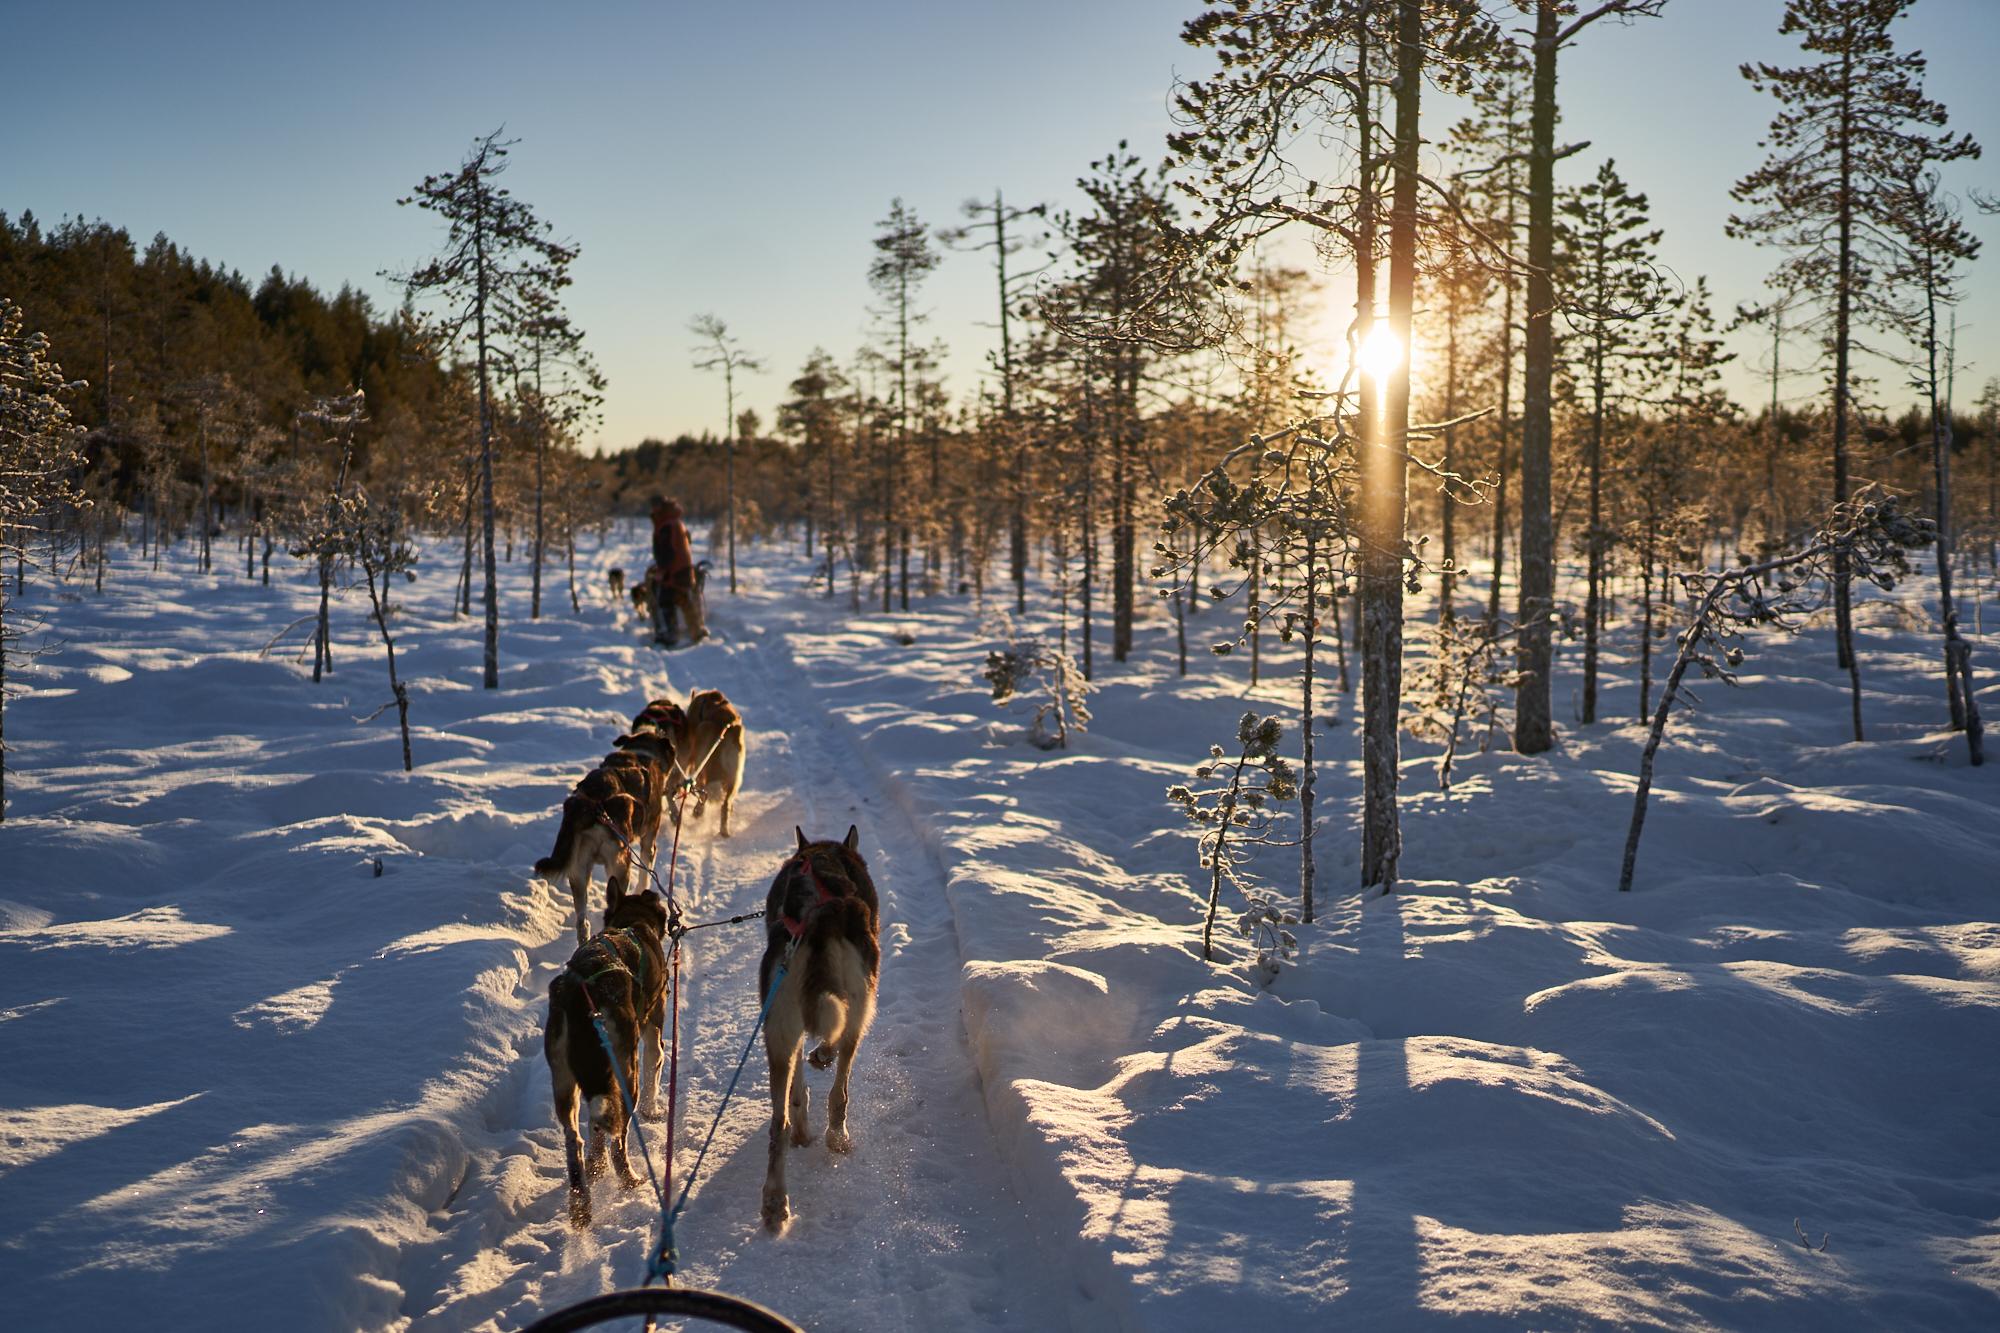 Zweden-2018-NIK01971.jpg